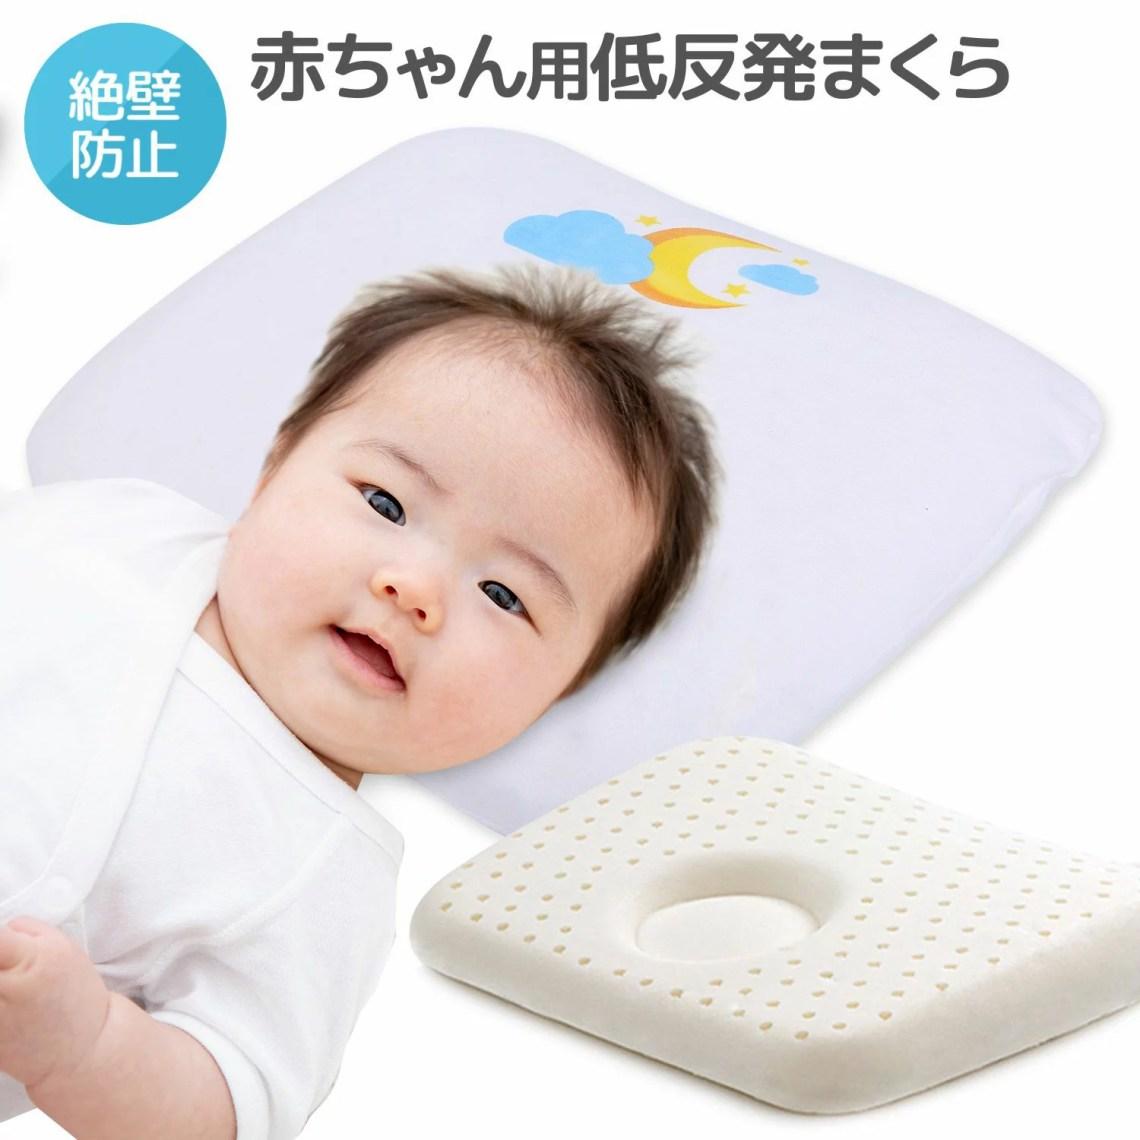 ベビー枕 ベビー用品 新生児 赤ちゃん まくら 寝返り防止 絶壁 クッション Plaisiureux